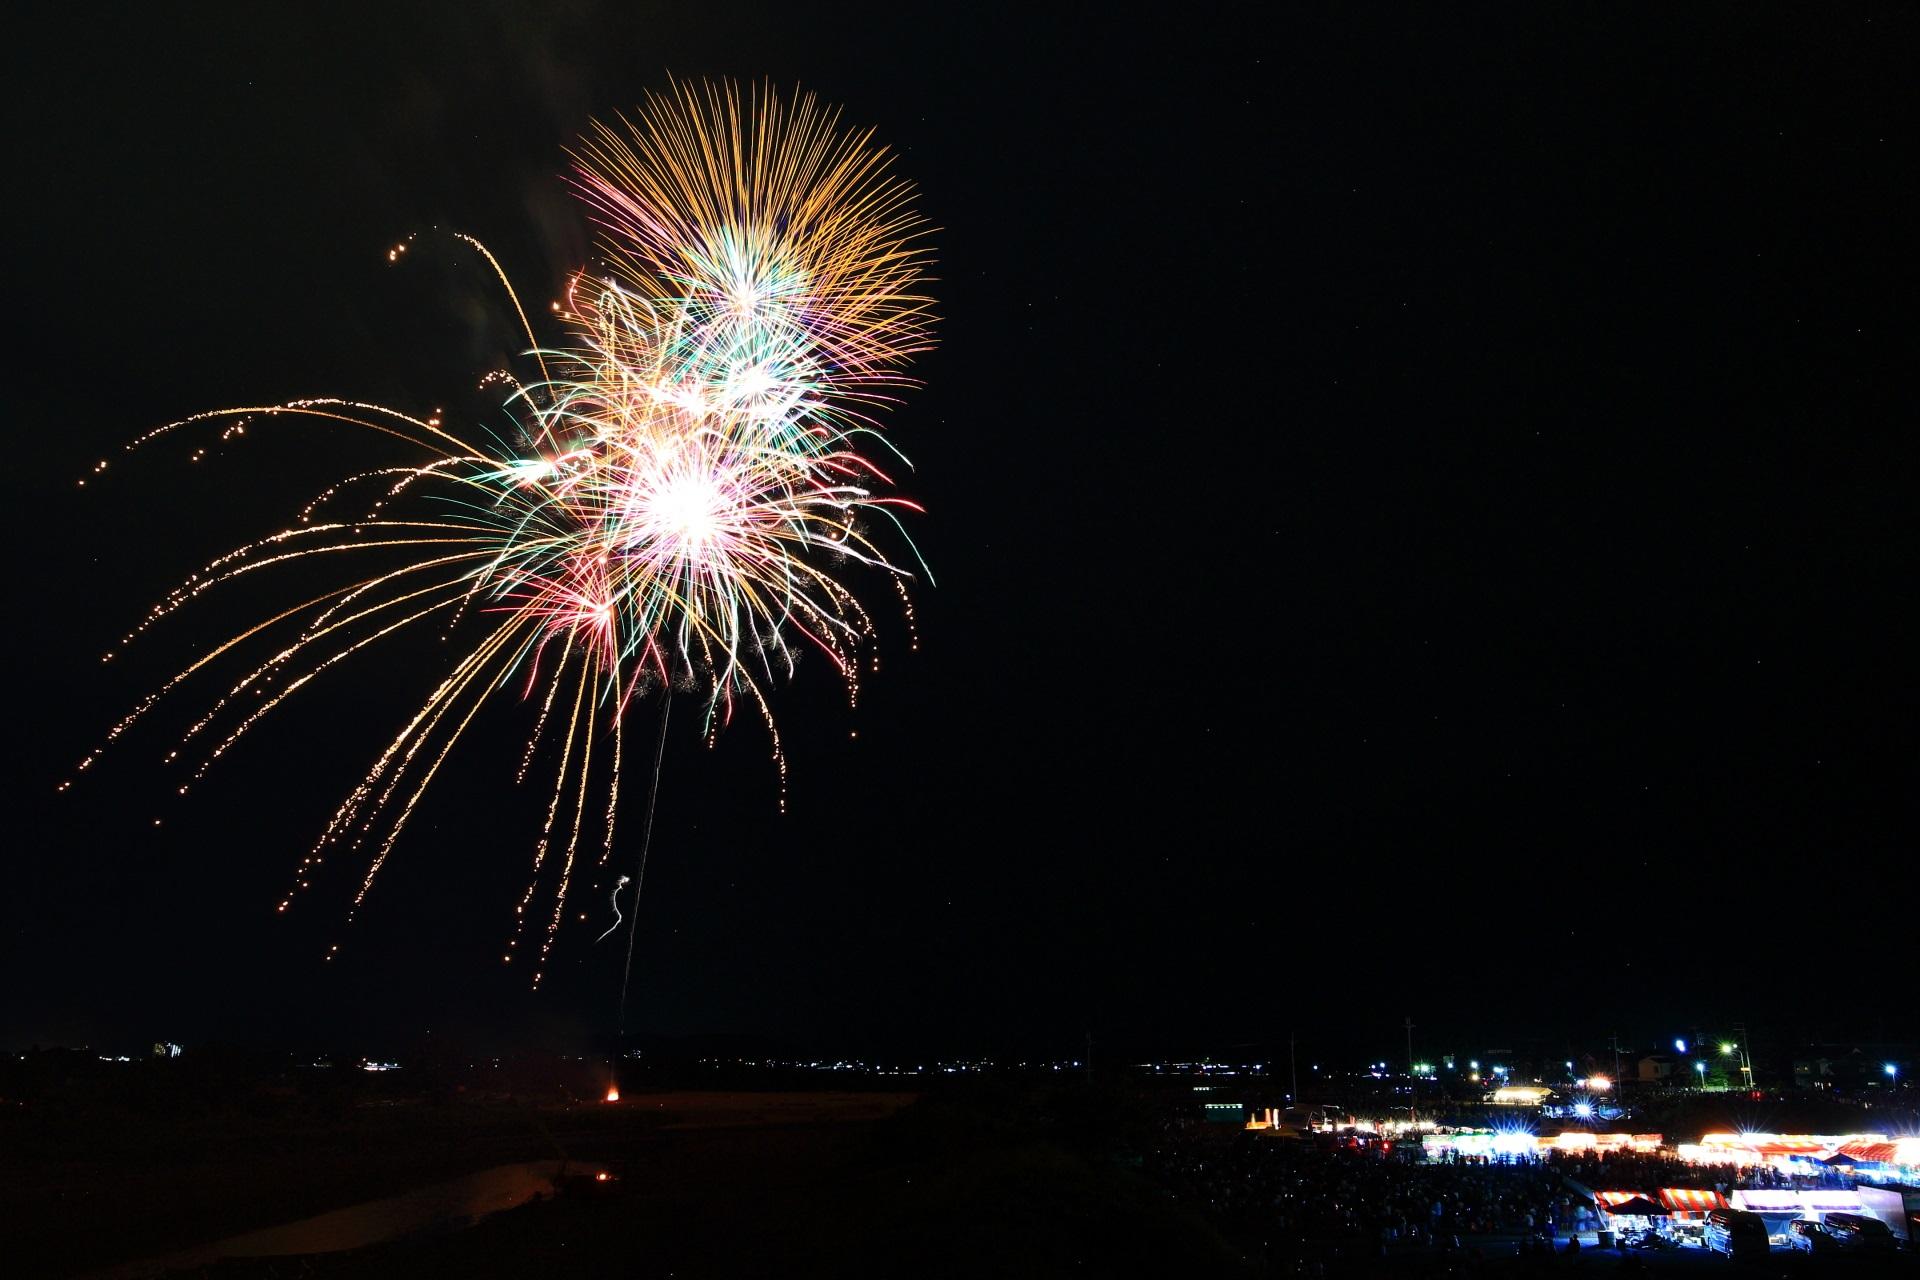 風に流され枝垂れて行く亀岡花火大会の鮮やかな光